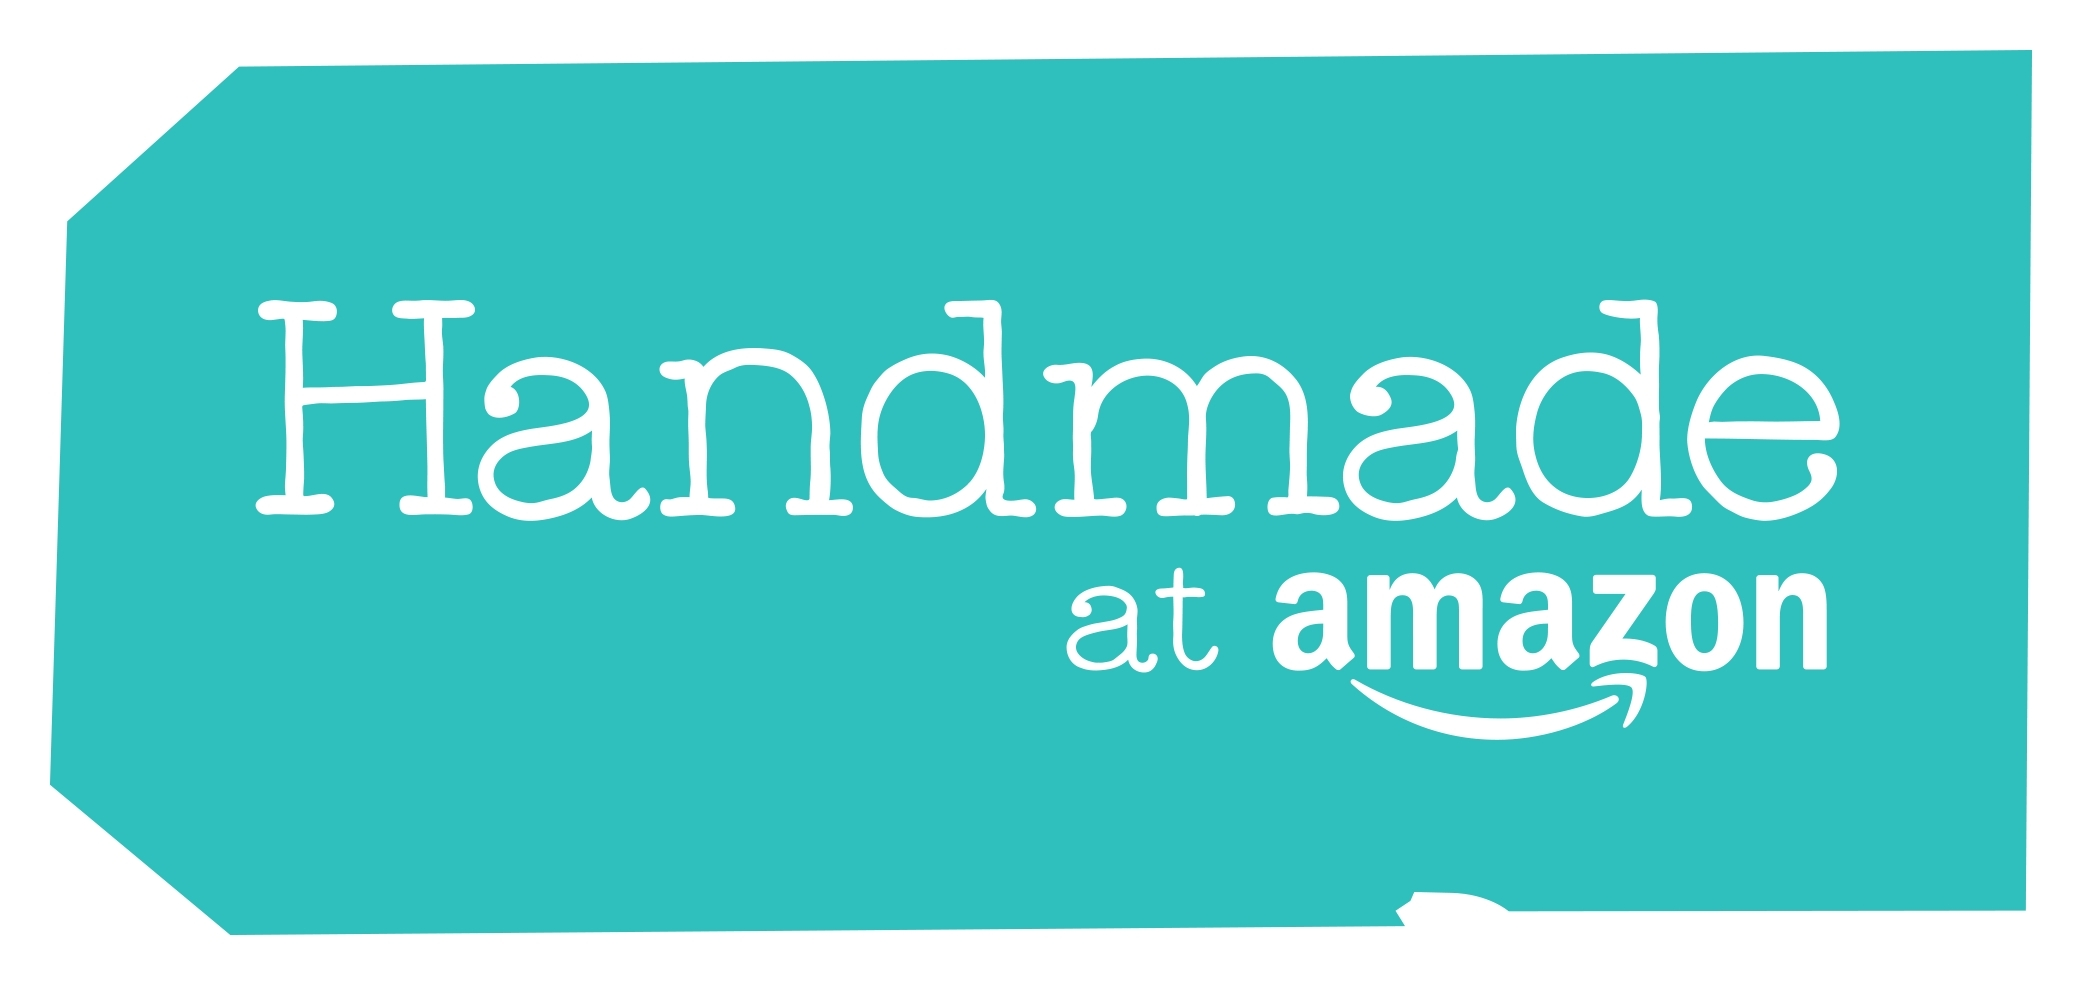 Amazon Handmade cuenta con una amplia variedad de categorías de producto  incluyendo Joyería b31b4a6a234